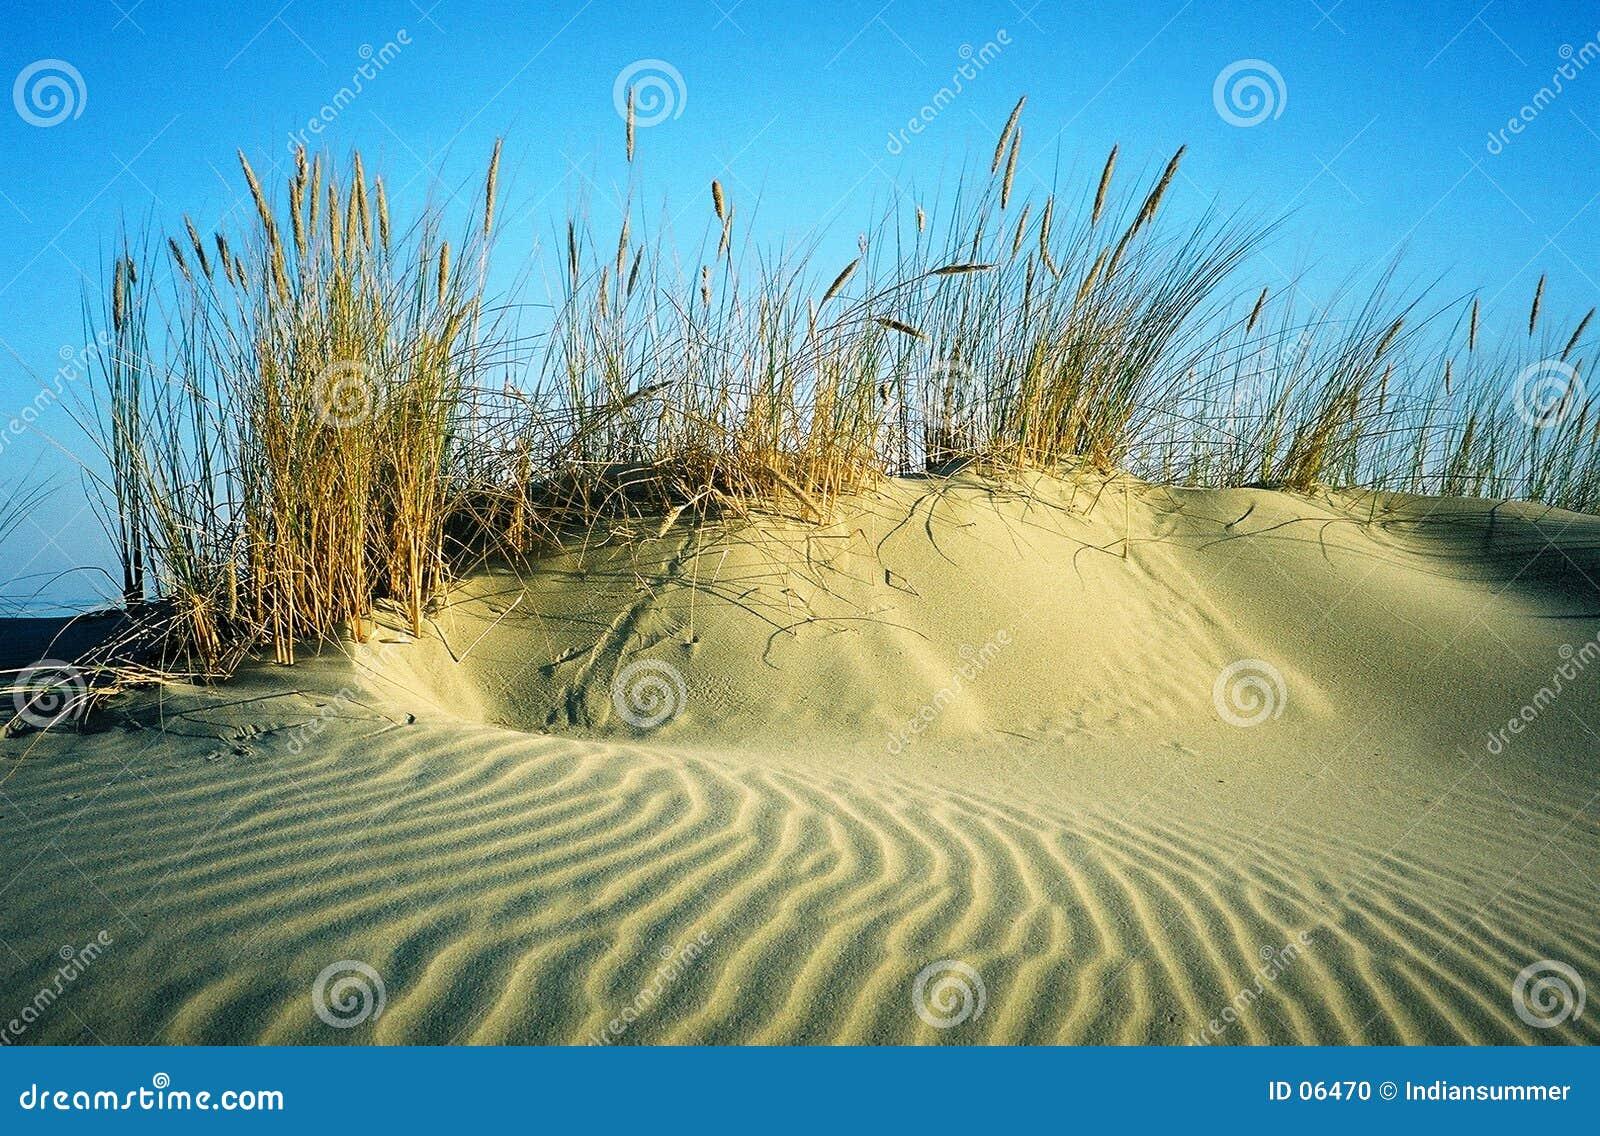 Bents sandhill